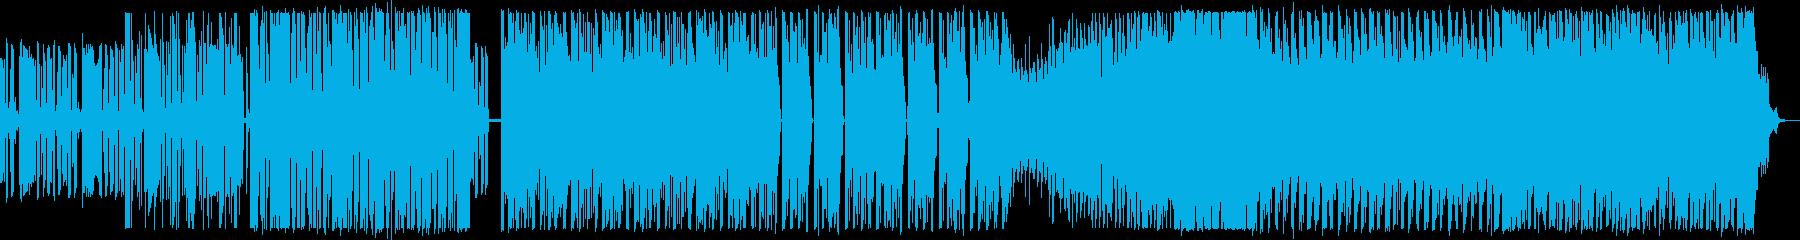 シンセサイザーが中心の攻撃的なEDMの再生済みの波形